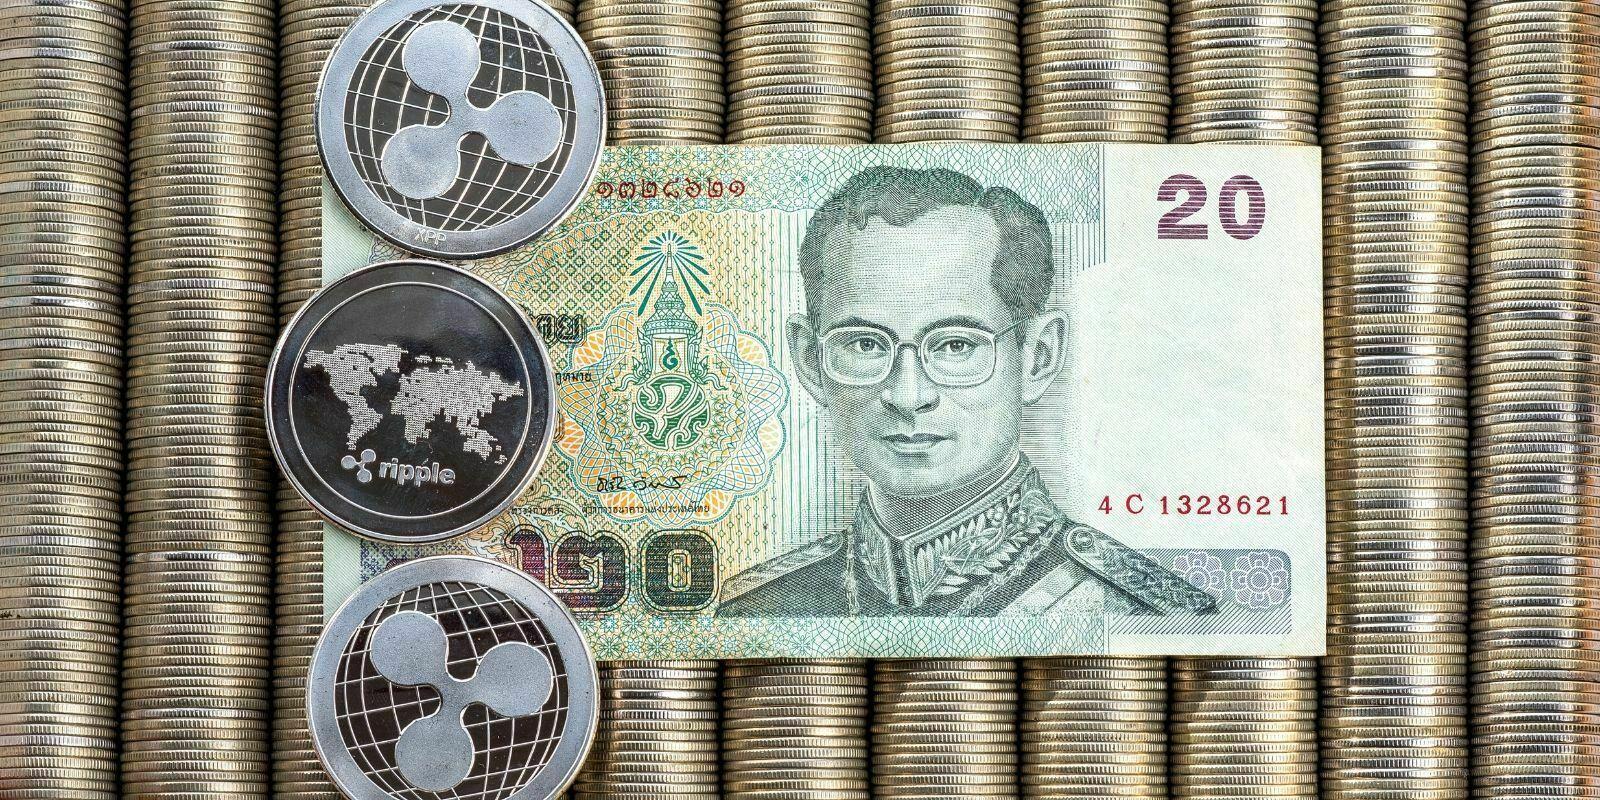 Une banque thaïlandaise lance une application de paiements instantanés avec Ripple